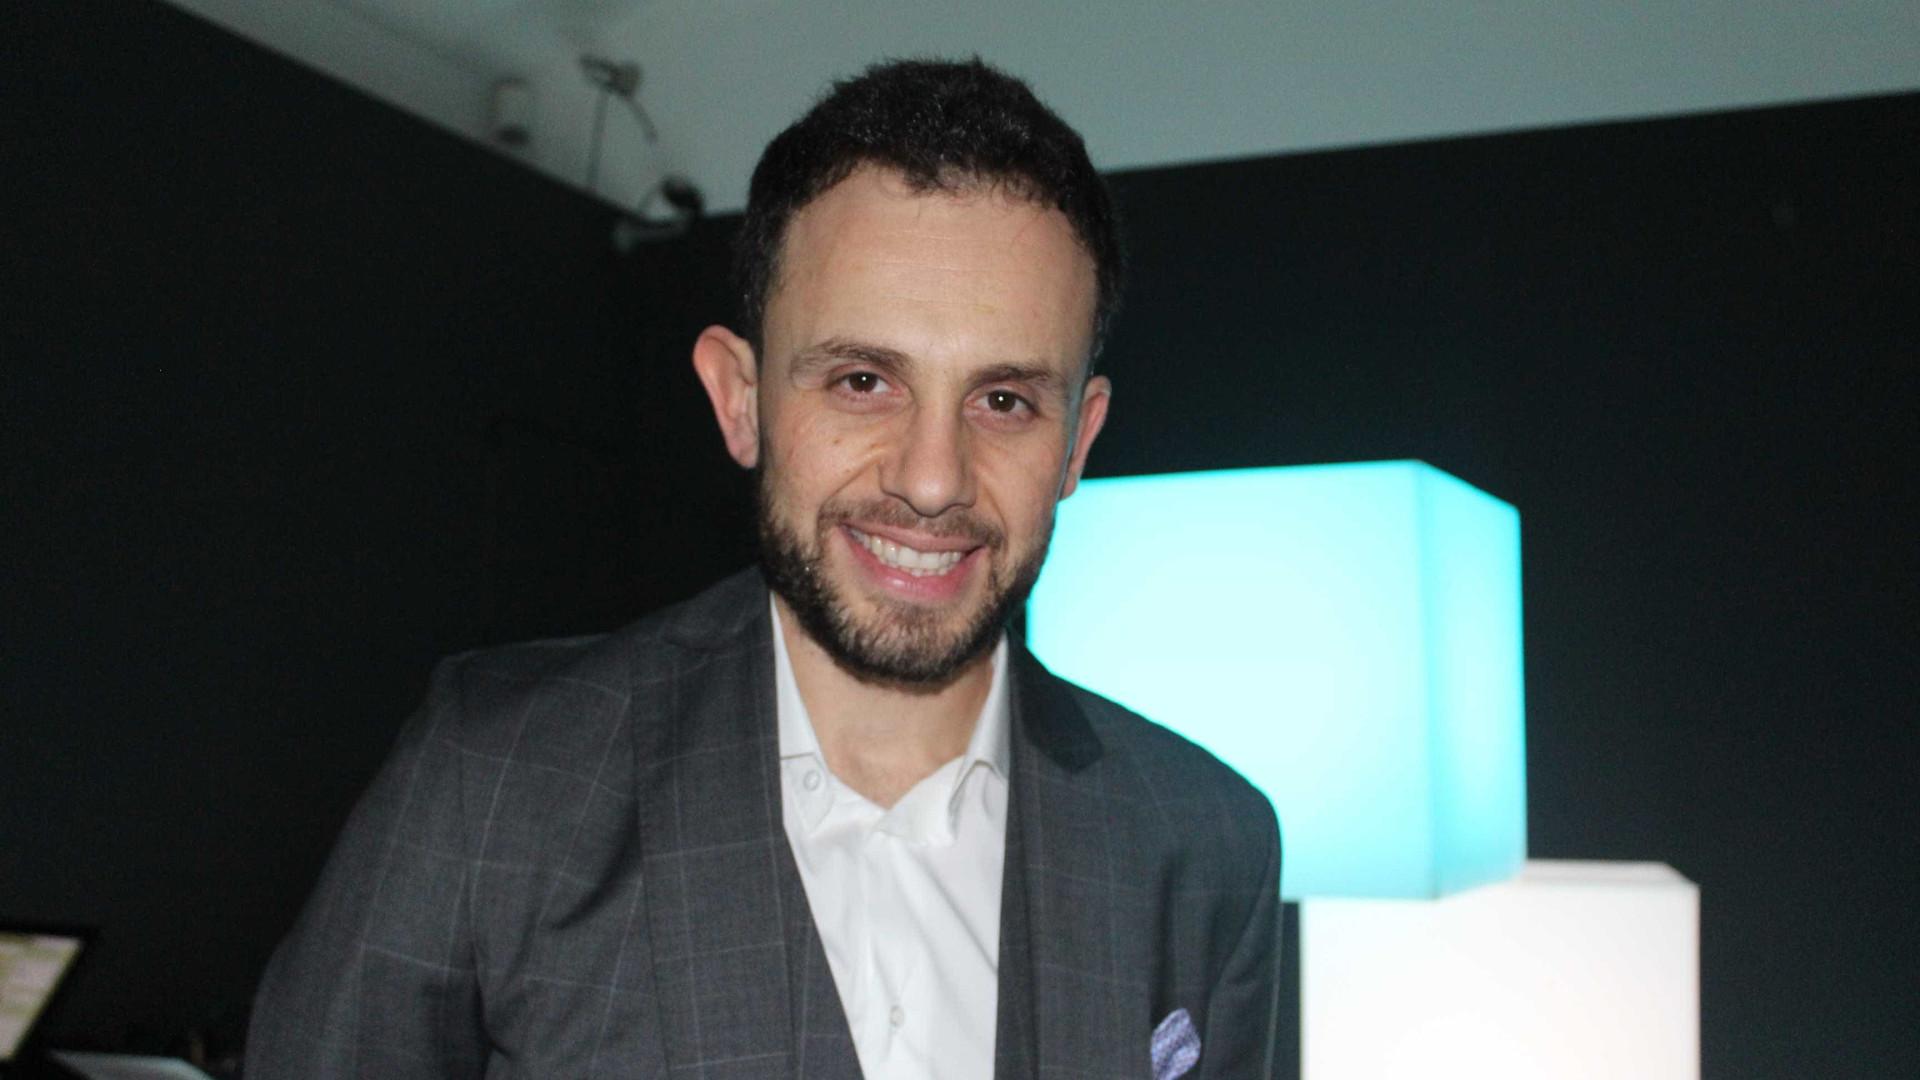 João Paulo Rodrigues confirma: Está novamente apaixonado